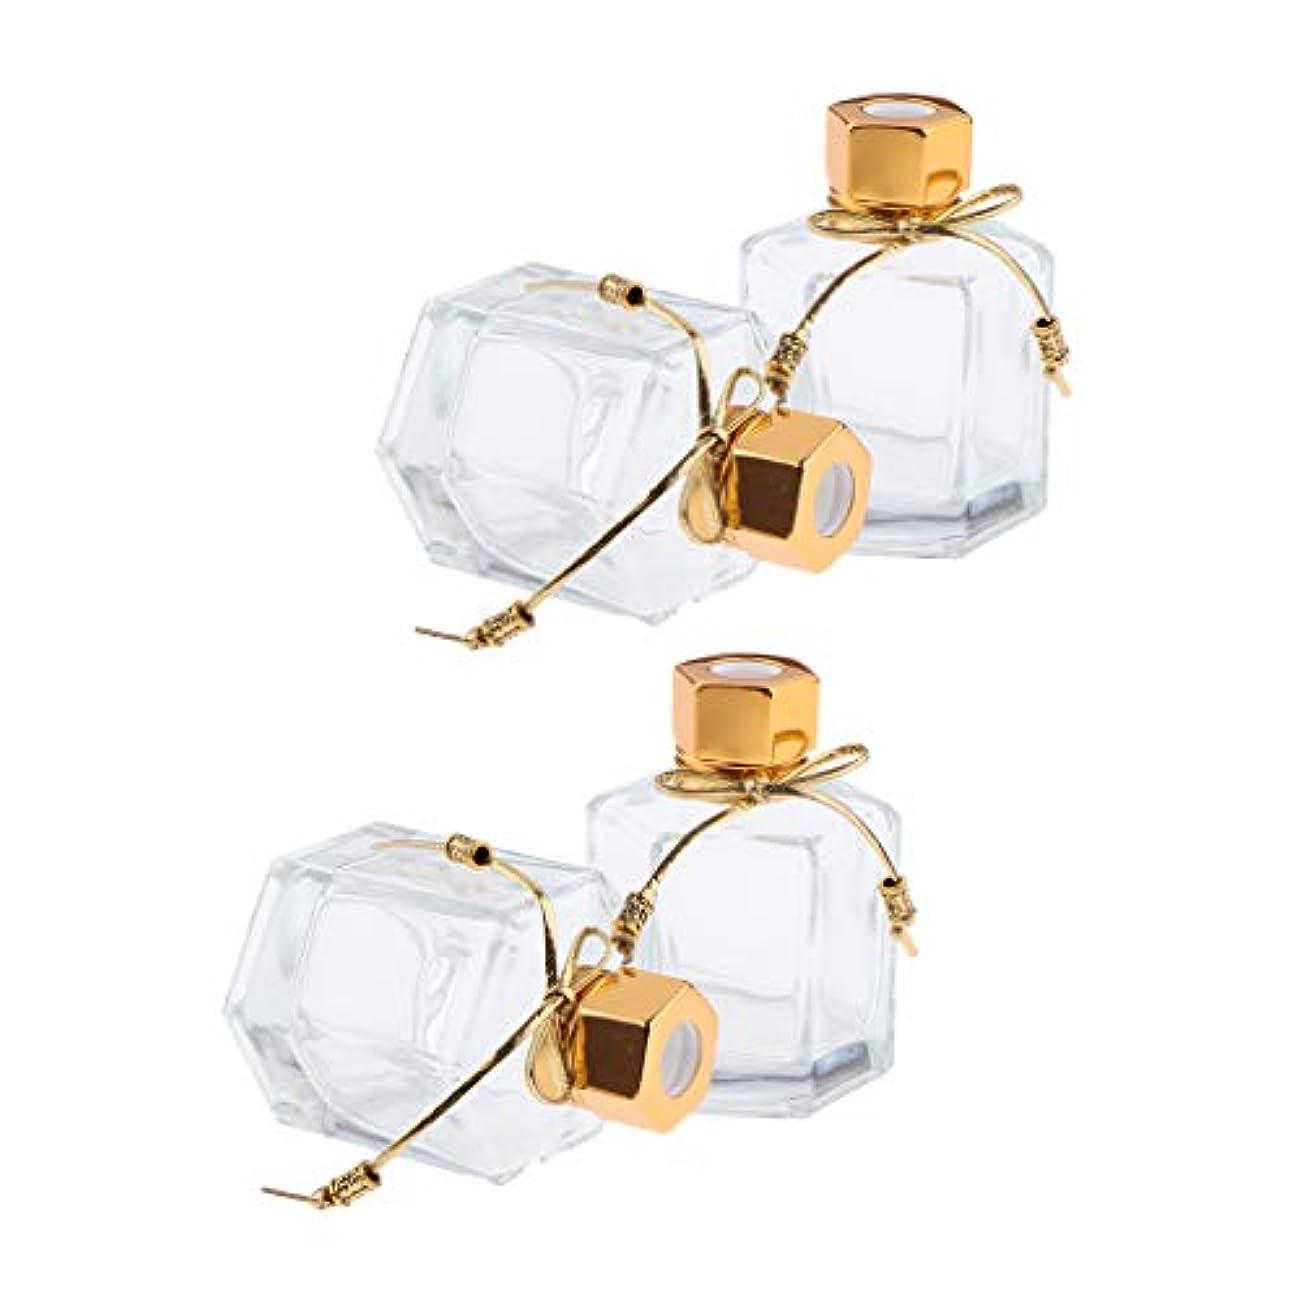 再発する好意的カラス香りディフューザーボトル 香水瓶 ガラスボトル 空 ガラス容器 100ml 4個入り